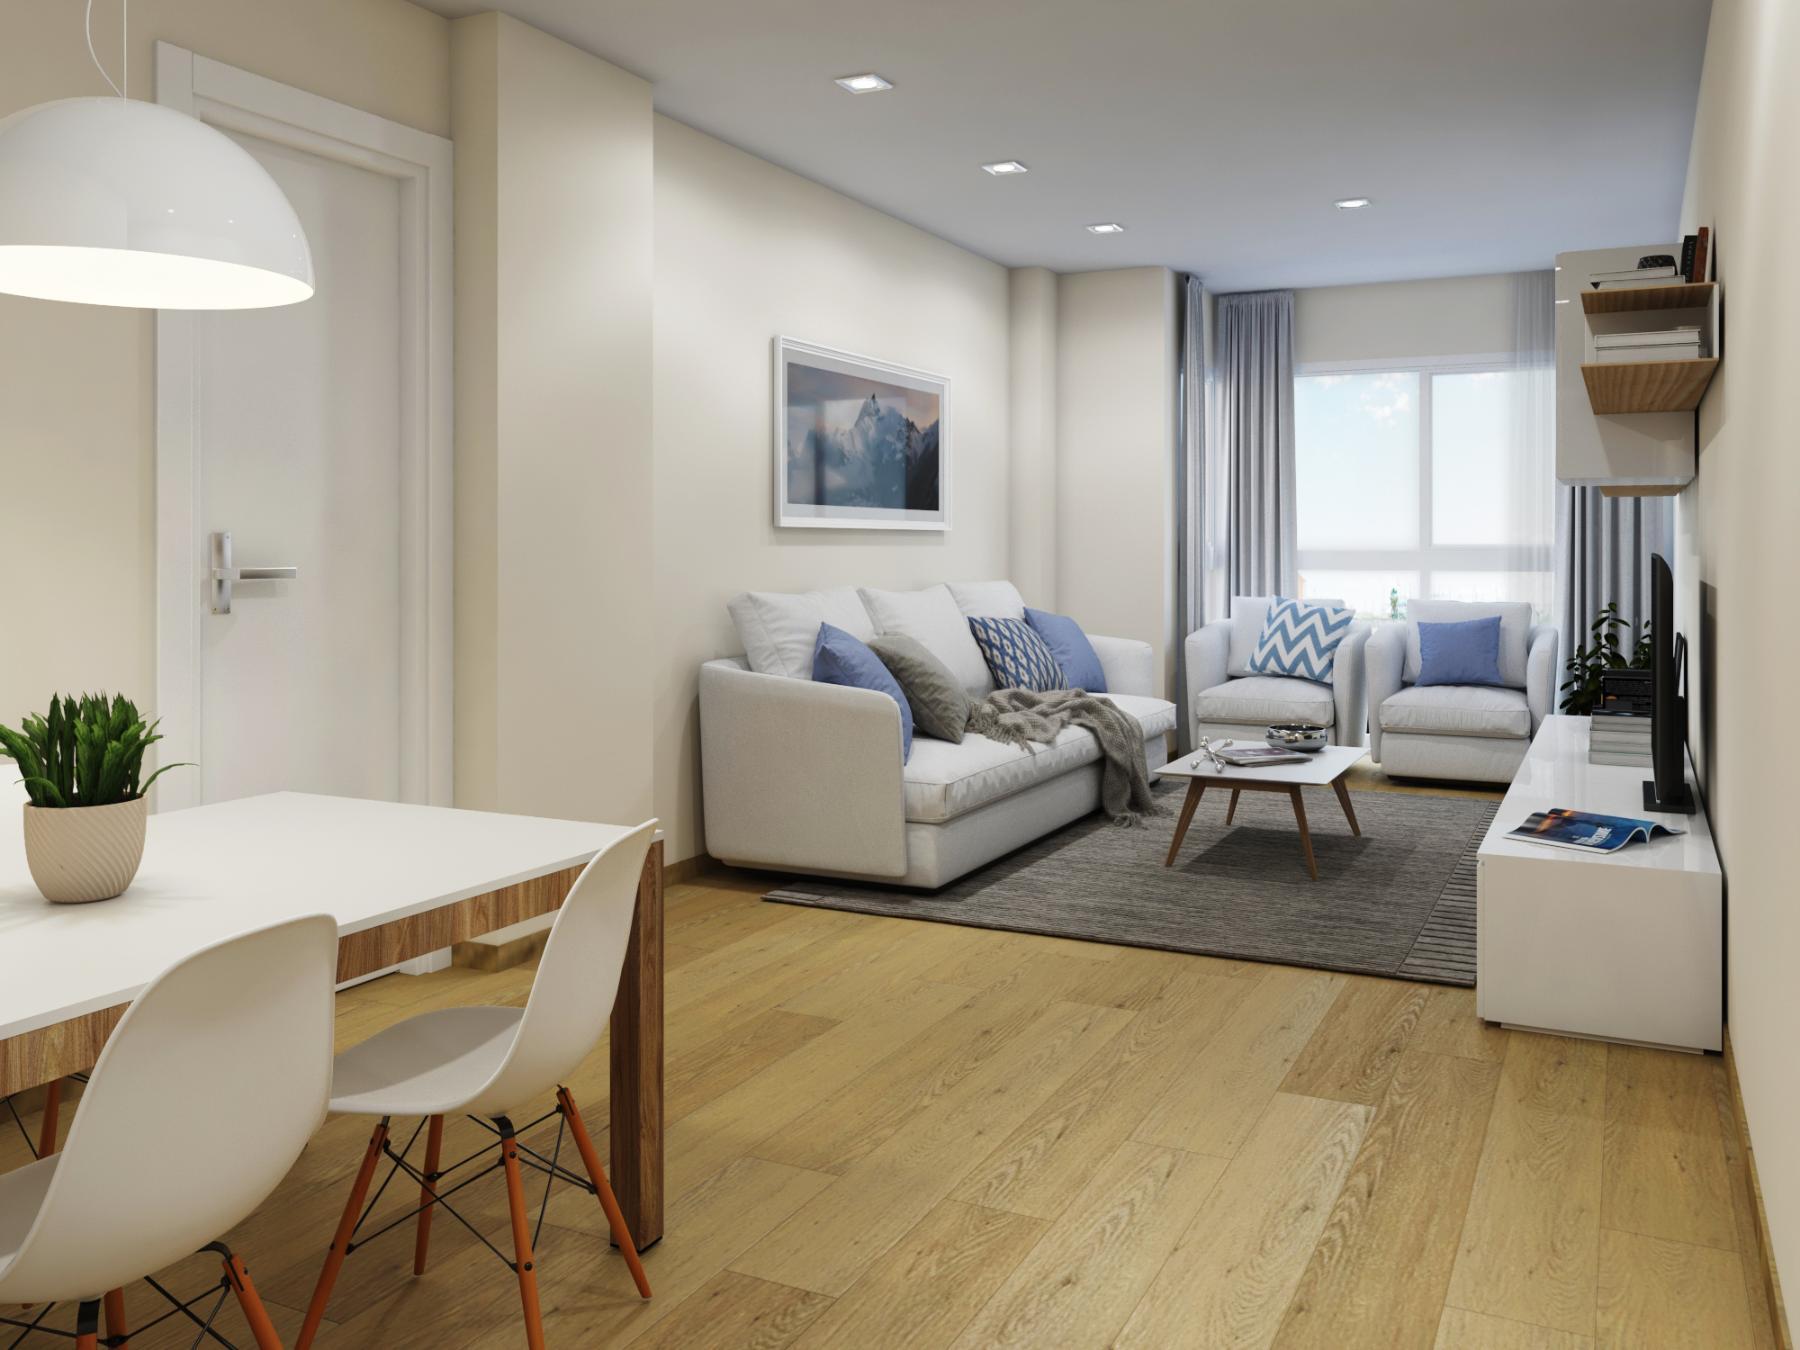 Piso en venta en Valencia, Valencia, Calle Juan Jose Sister, 253.000 €, 4 habitaciones, 2 baños, 122 m2